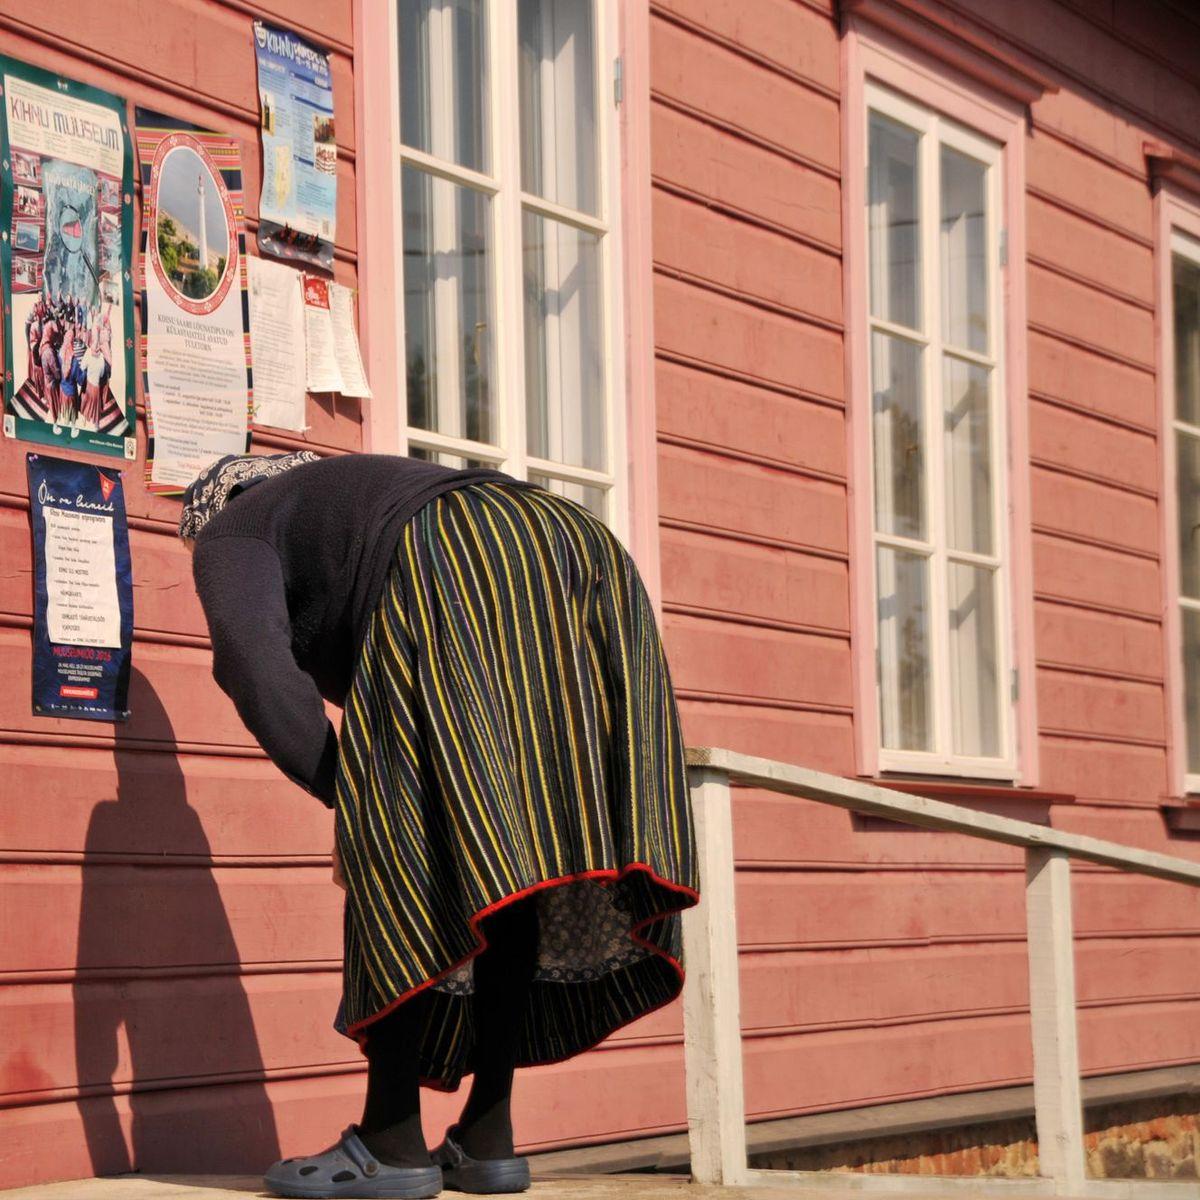 Kihnu in Estland: Die Insel der Stille